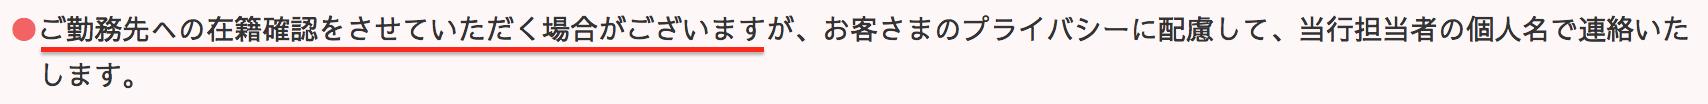 京銀カードローンW「在籍確認」